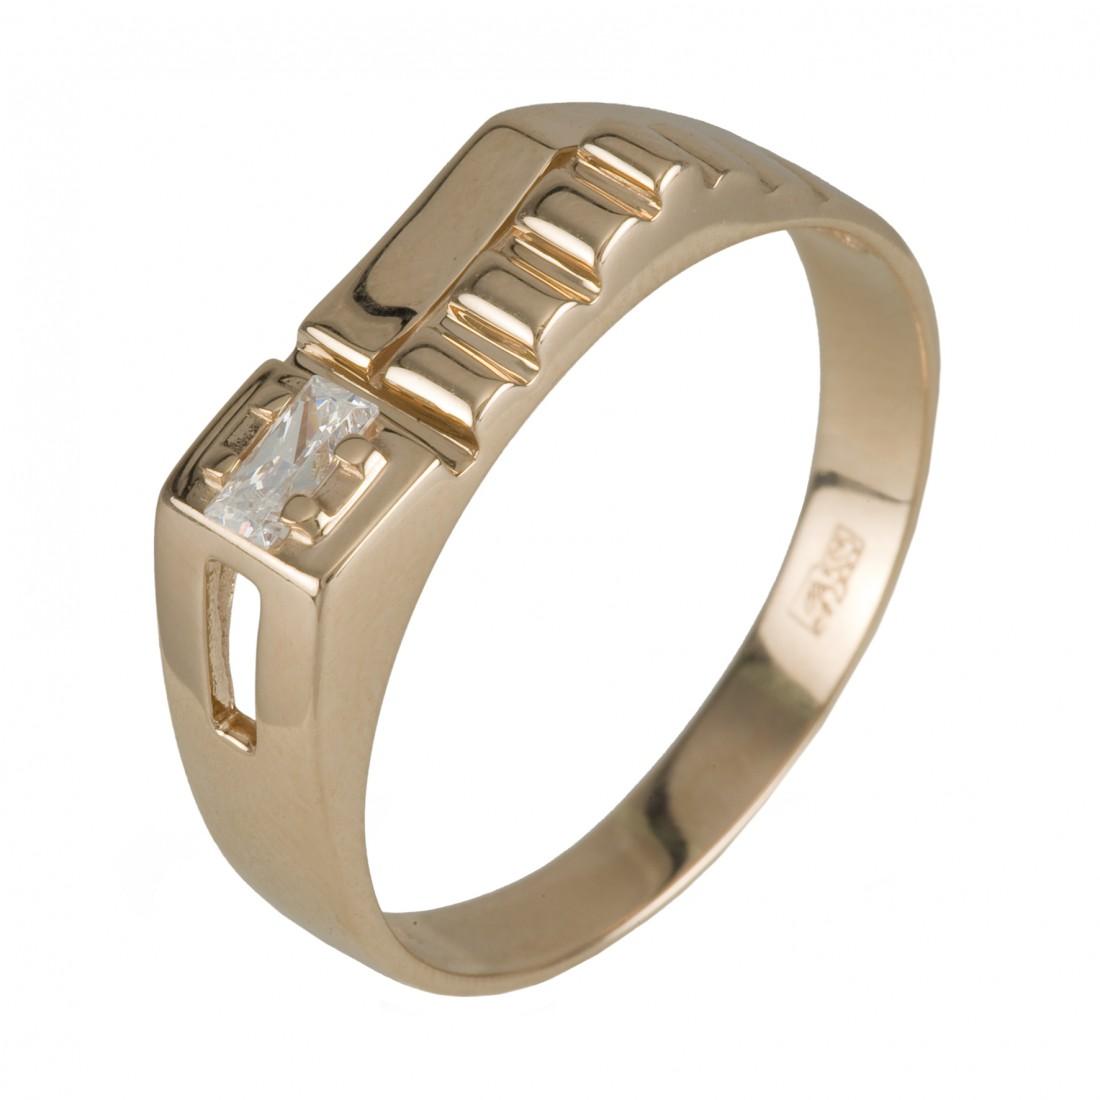 Серебряное мужское кольцо (печатка) изготовлено из серебра 925 пробы и покрыто родием, что придае